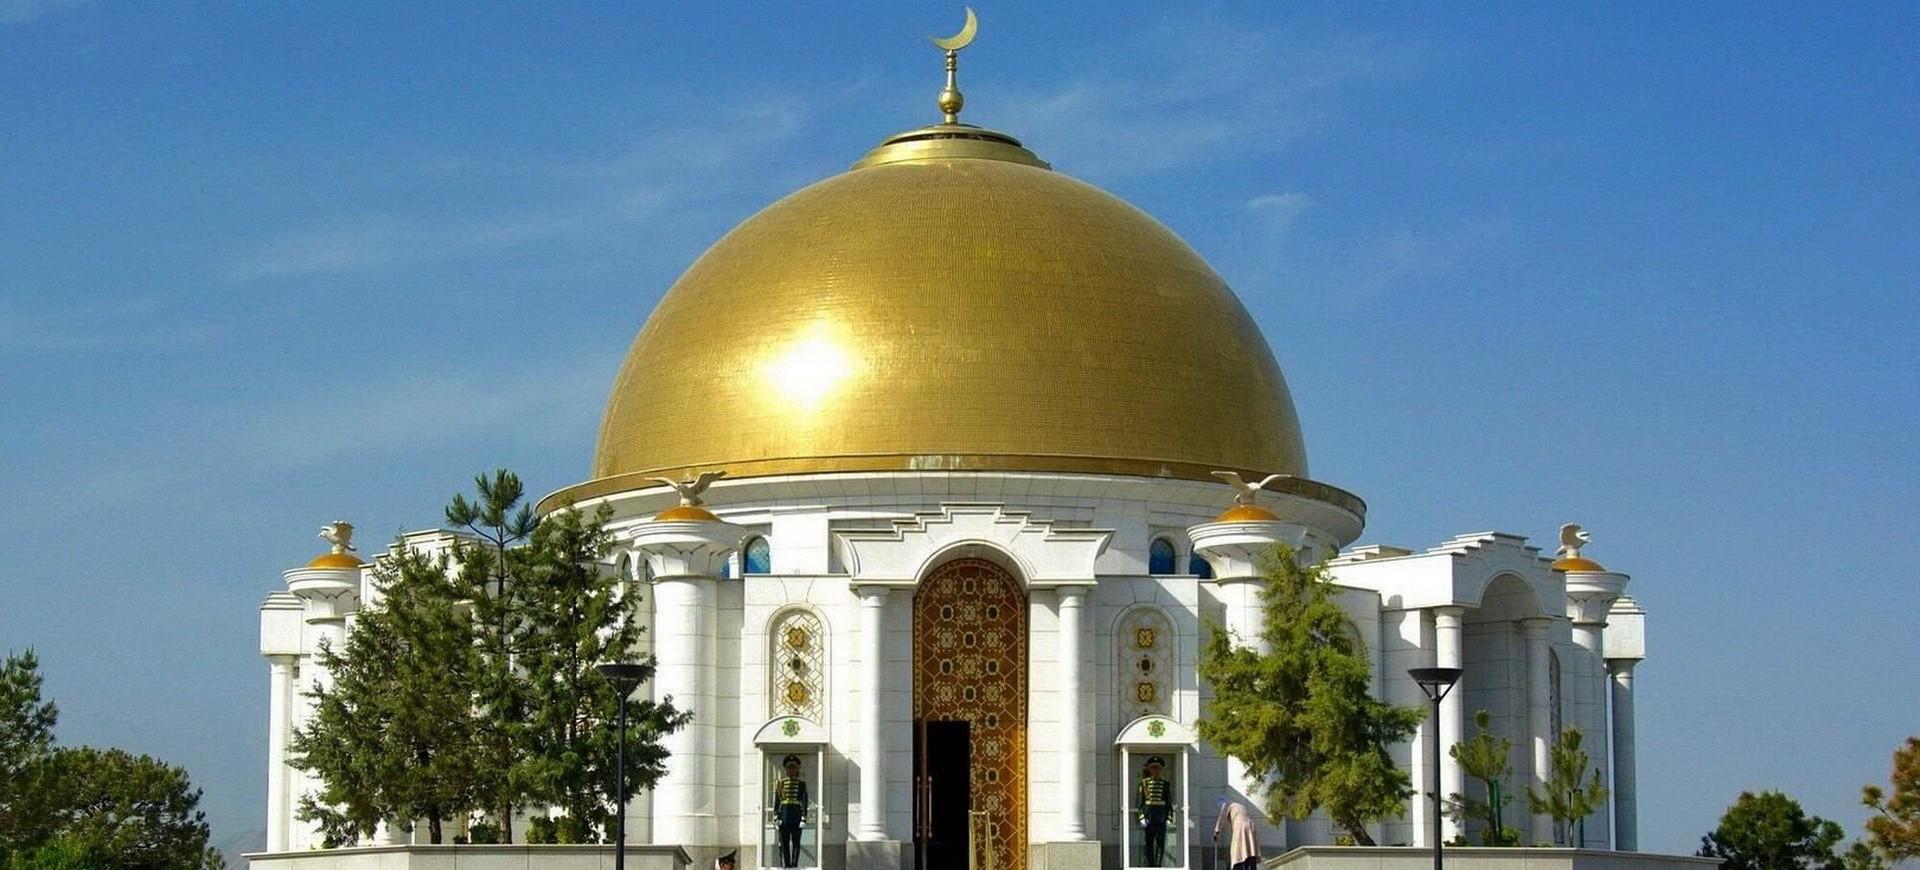 Turkménistan Achqabat Mausolée de Niazov